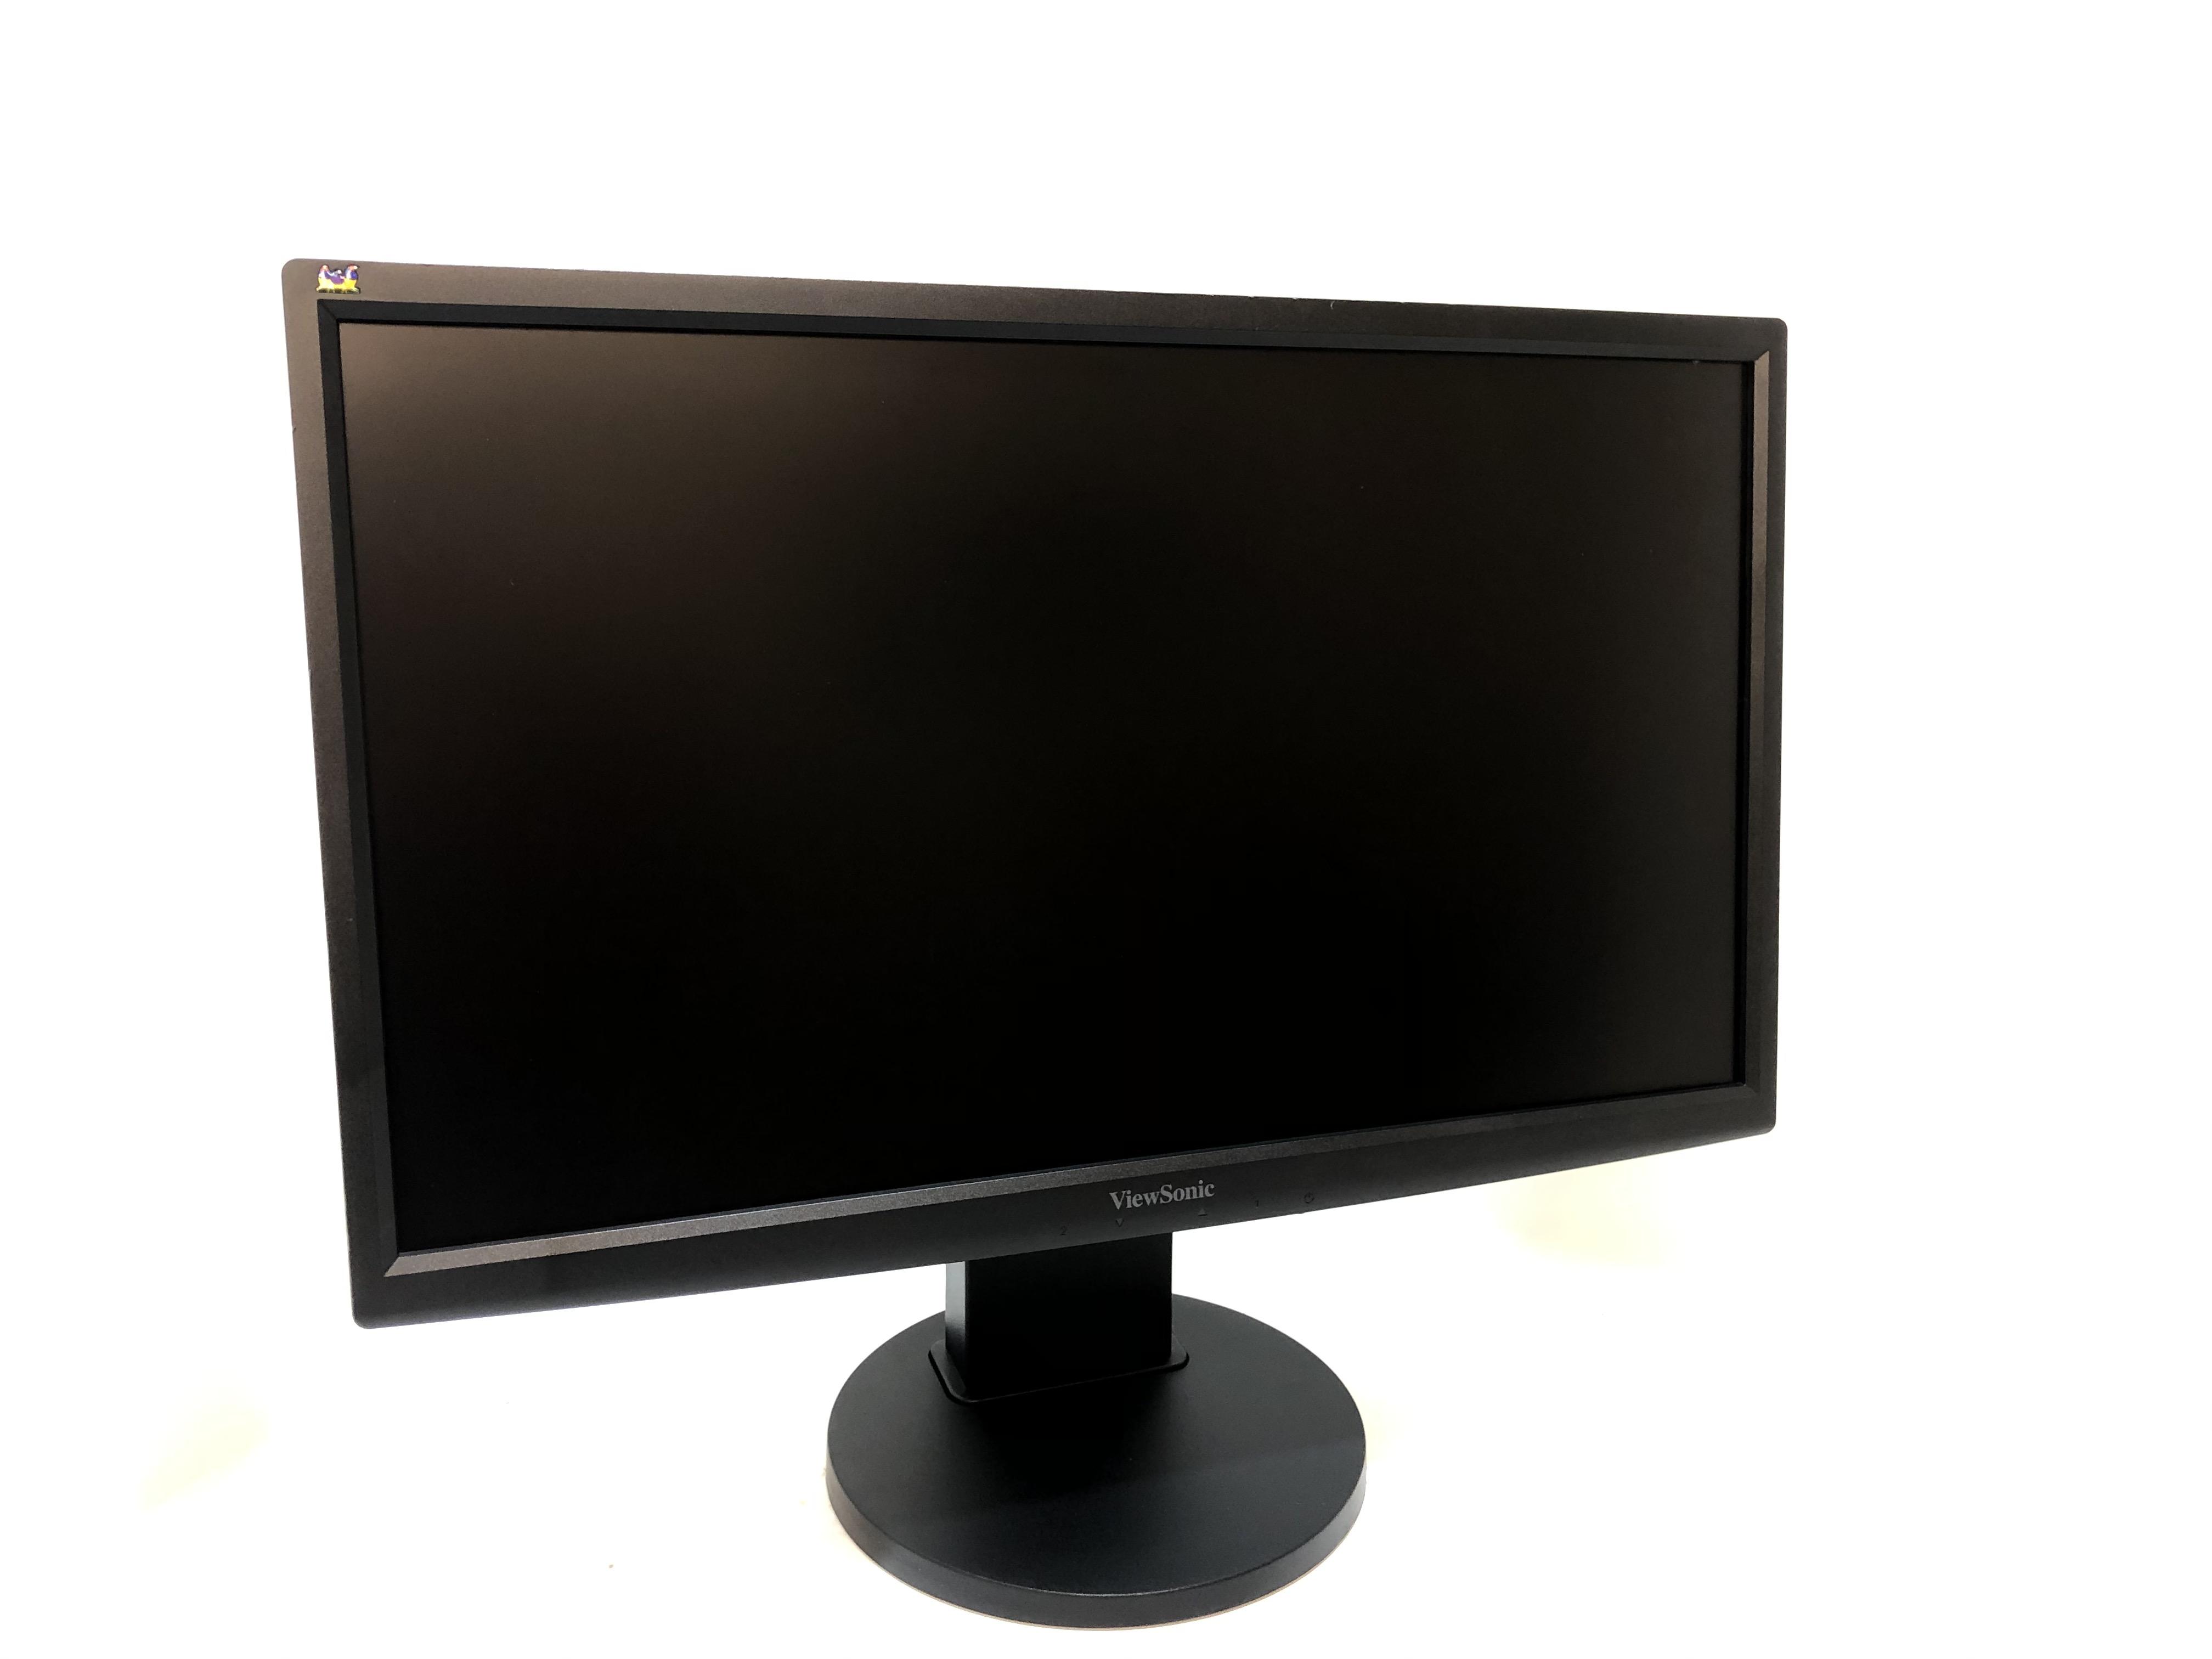 Viewsonic VG2233 No 2